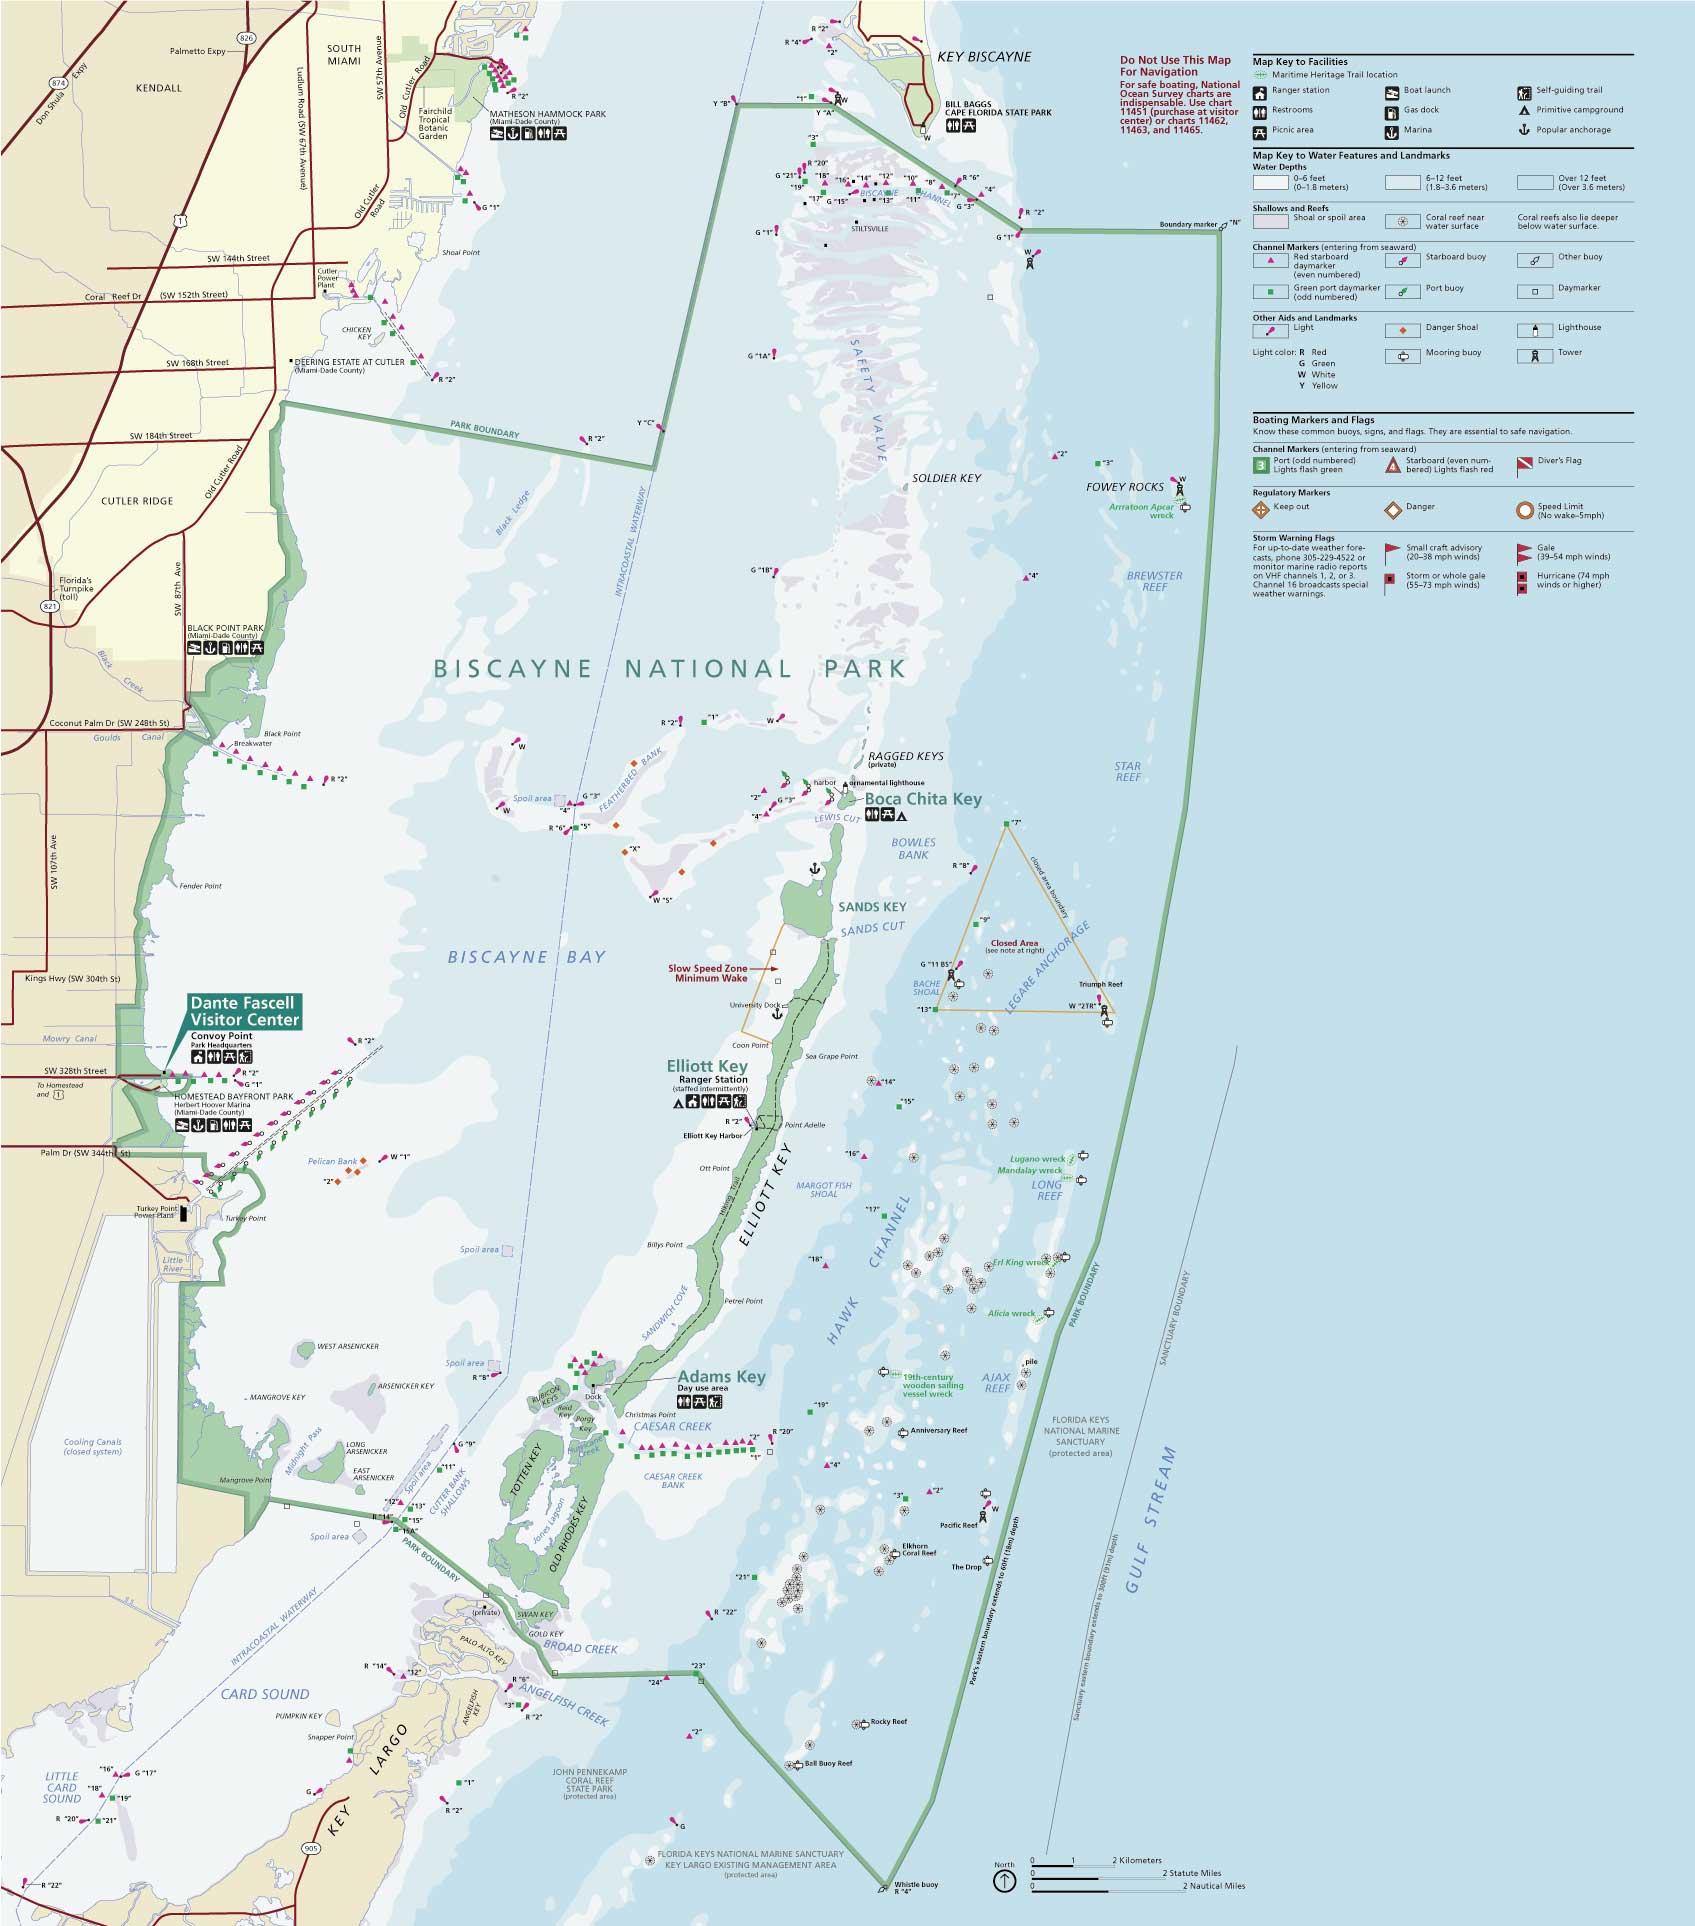 Национальный парк Бискейн карта